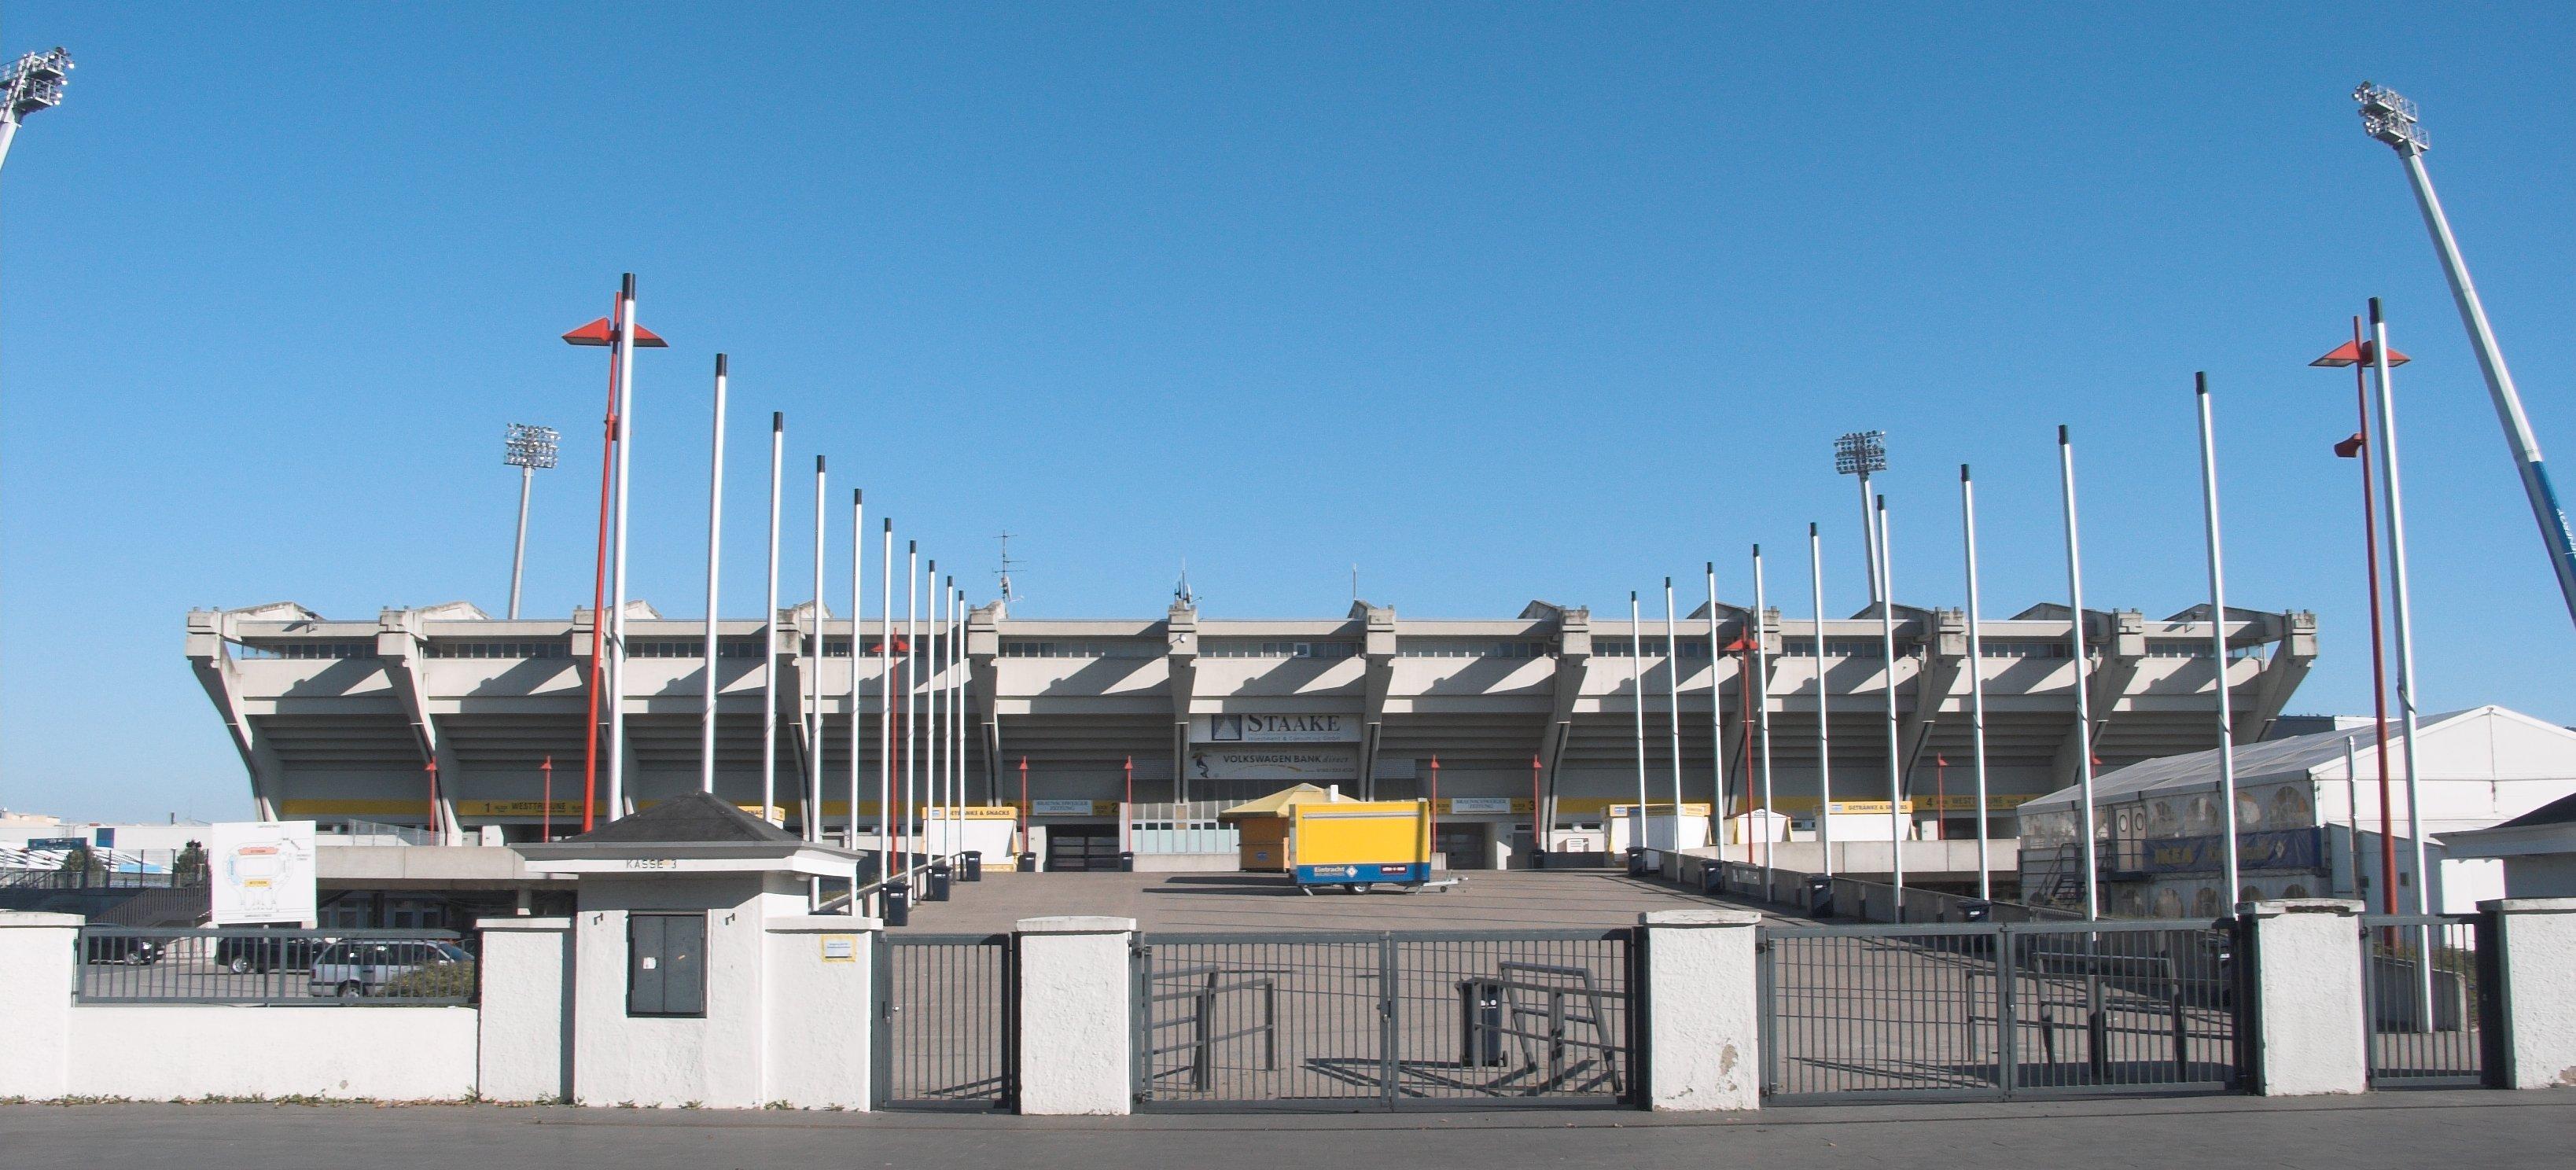 StadionStraßenansicht.jpg